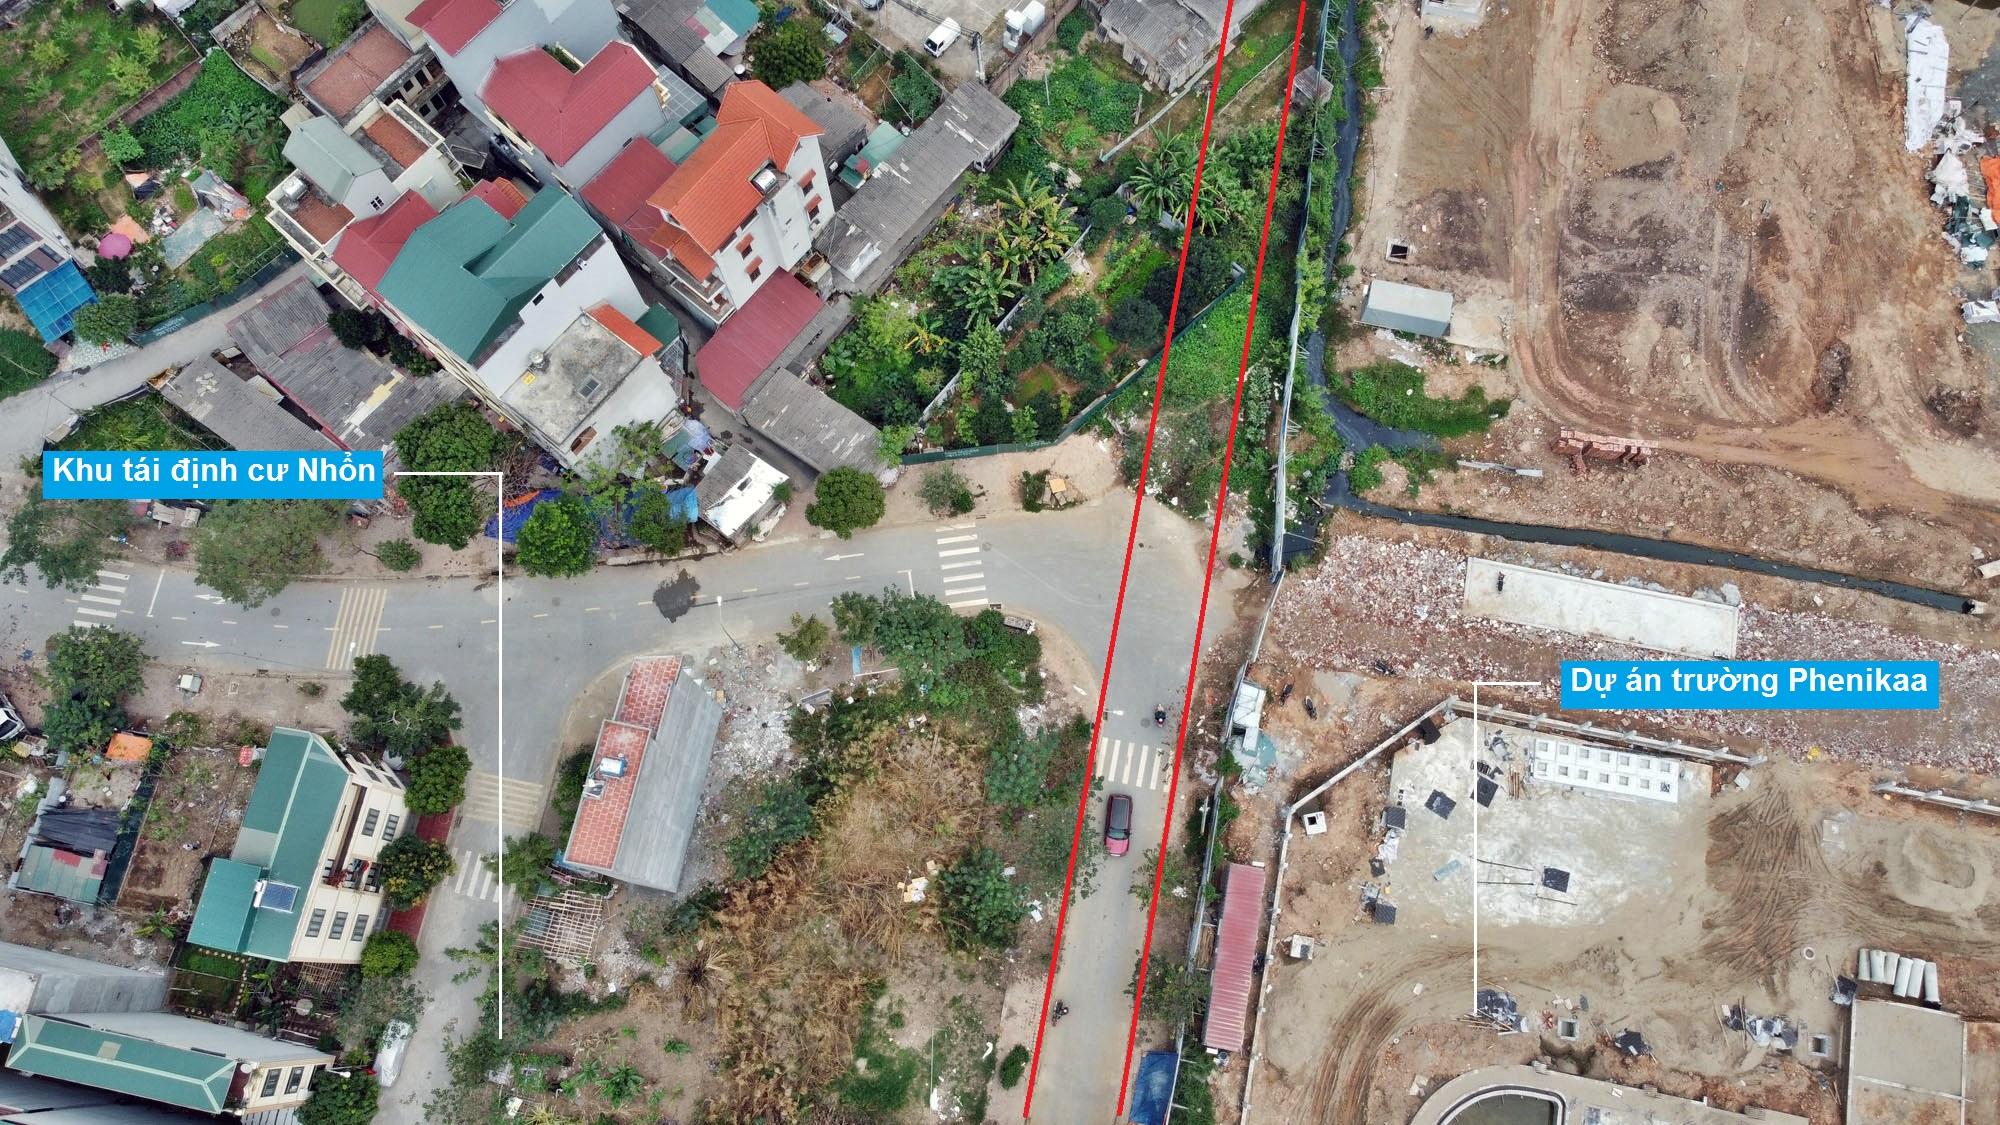 Ba đường sẽ mở theo quy hoạch ở phường Phương Canh, Nam Từ Liêm, Hà Nội (phần 2) - Ảnh 9.